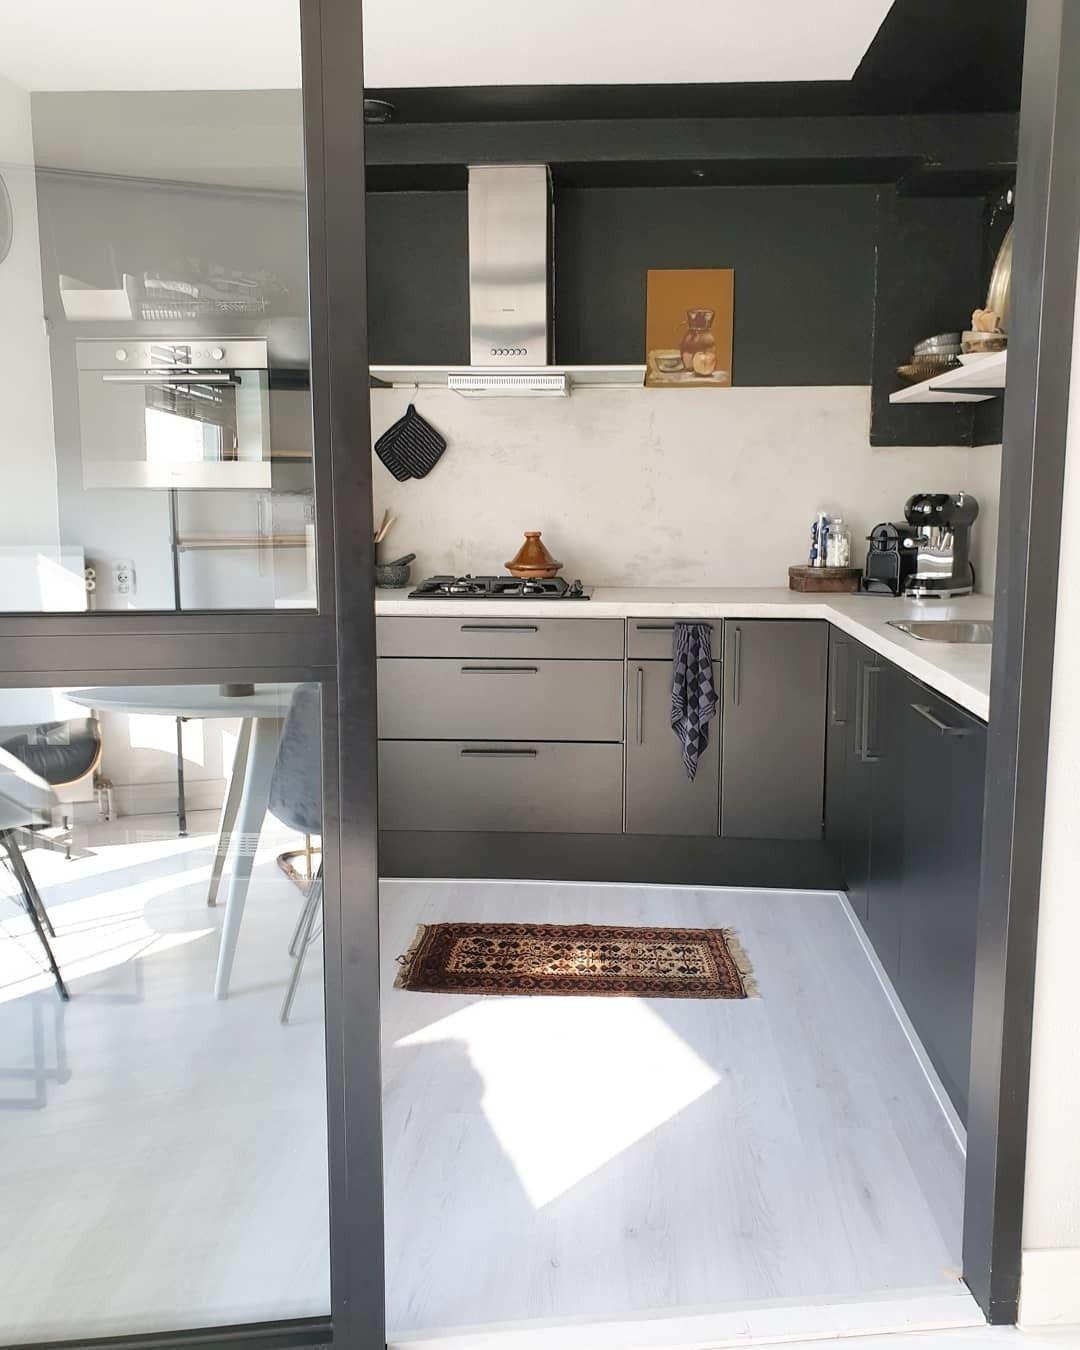 Rohouseproud Heeft In Haar Keuken Pure Black No 50 Op De Wanden Geschilderd Ves Interior Inspo Interior Decorating Interior Inspiration